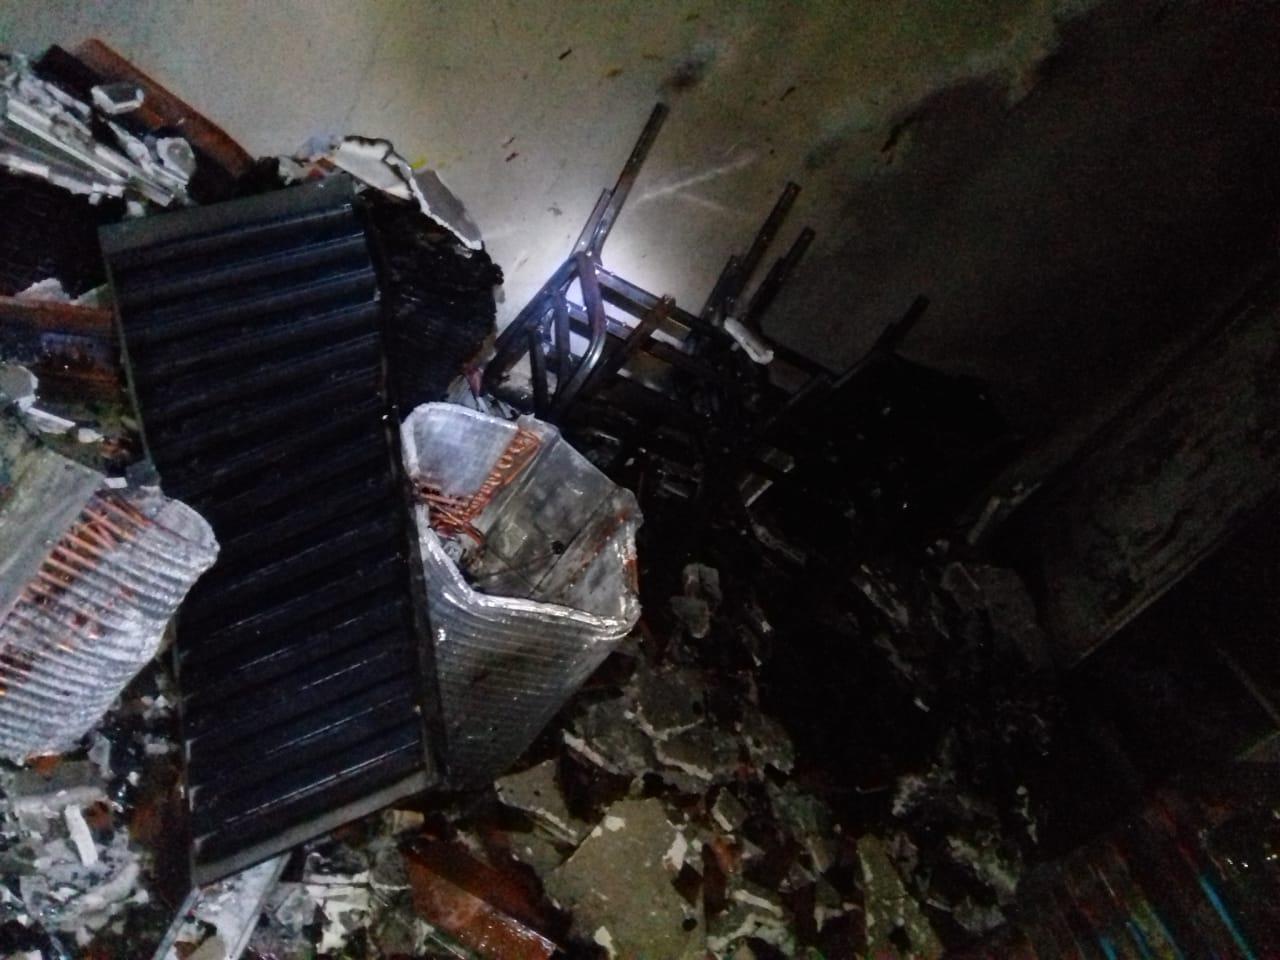 Promotora pede internação de garoto de 13 anos que ateou fogo em escola de Picos